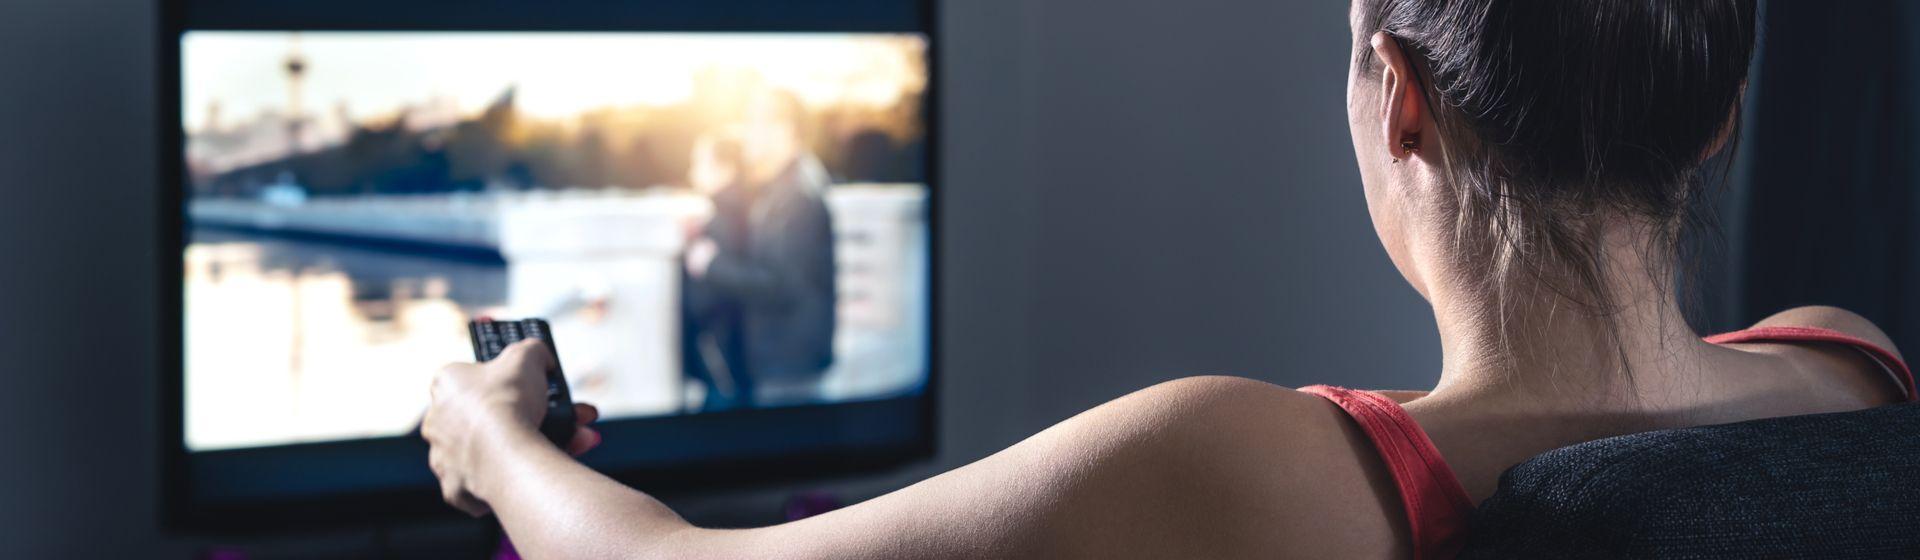 O que é HDTV? Saiba mais sobre essa tecnologia